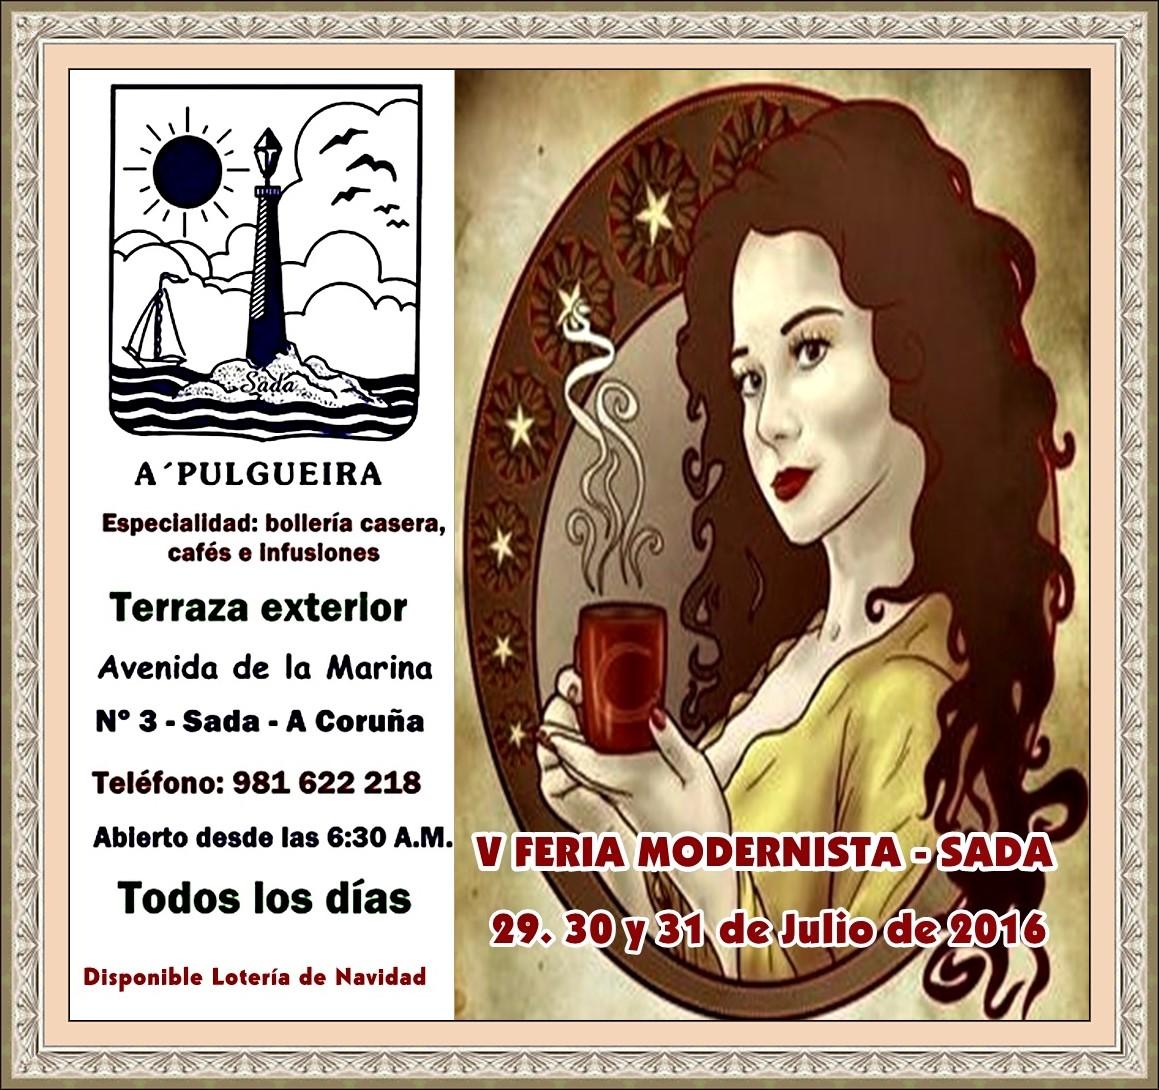 Feliz Feria Modernista de Sada